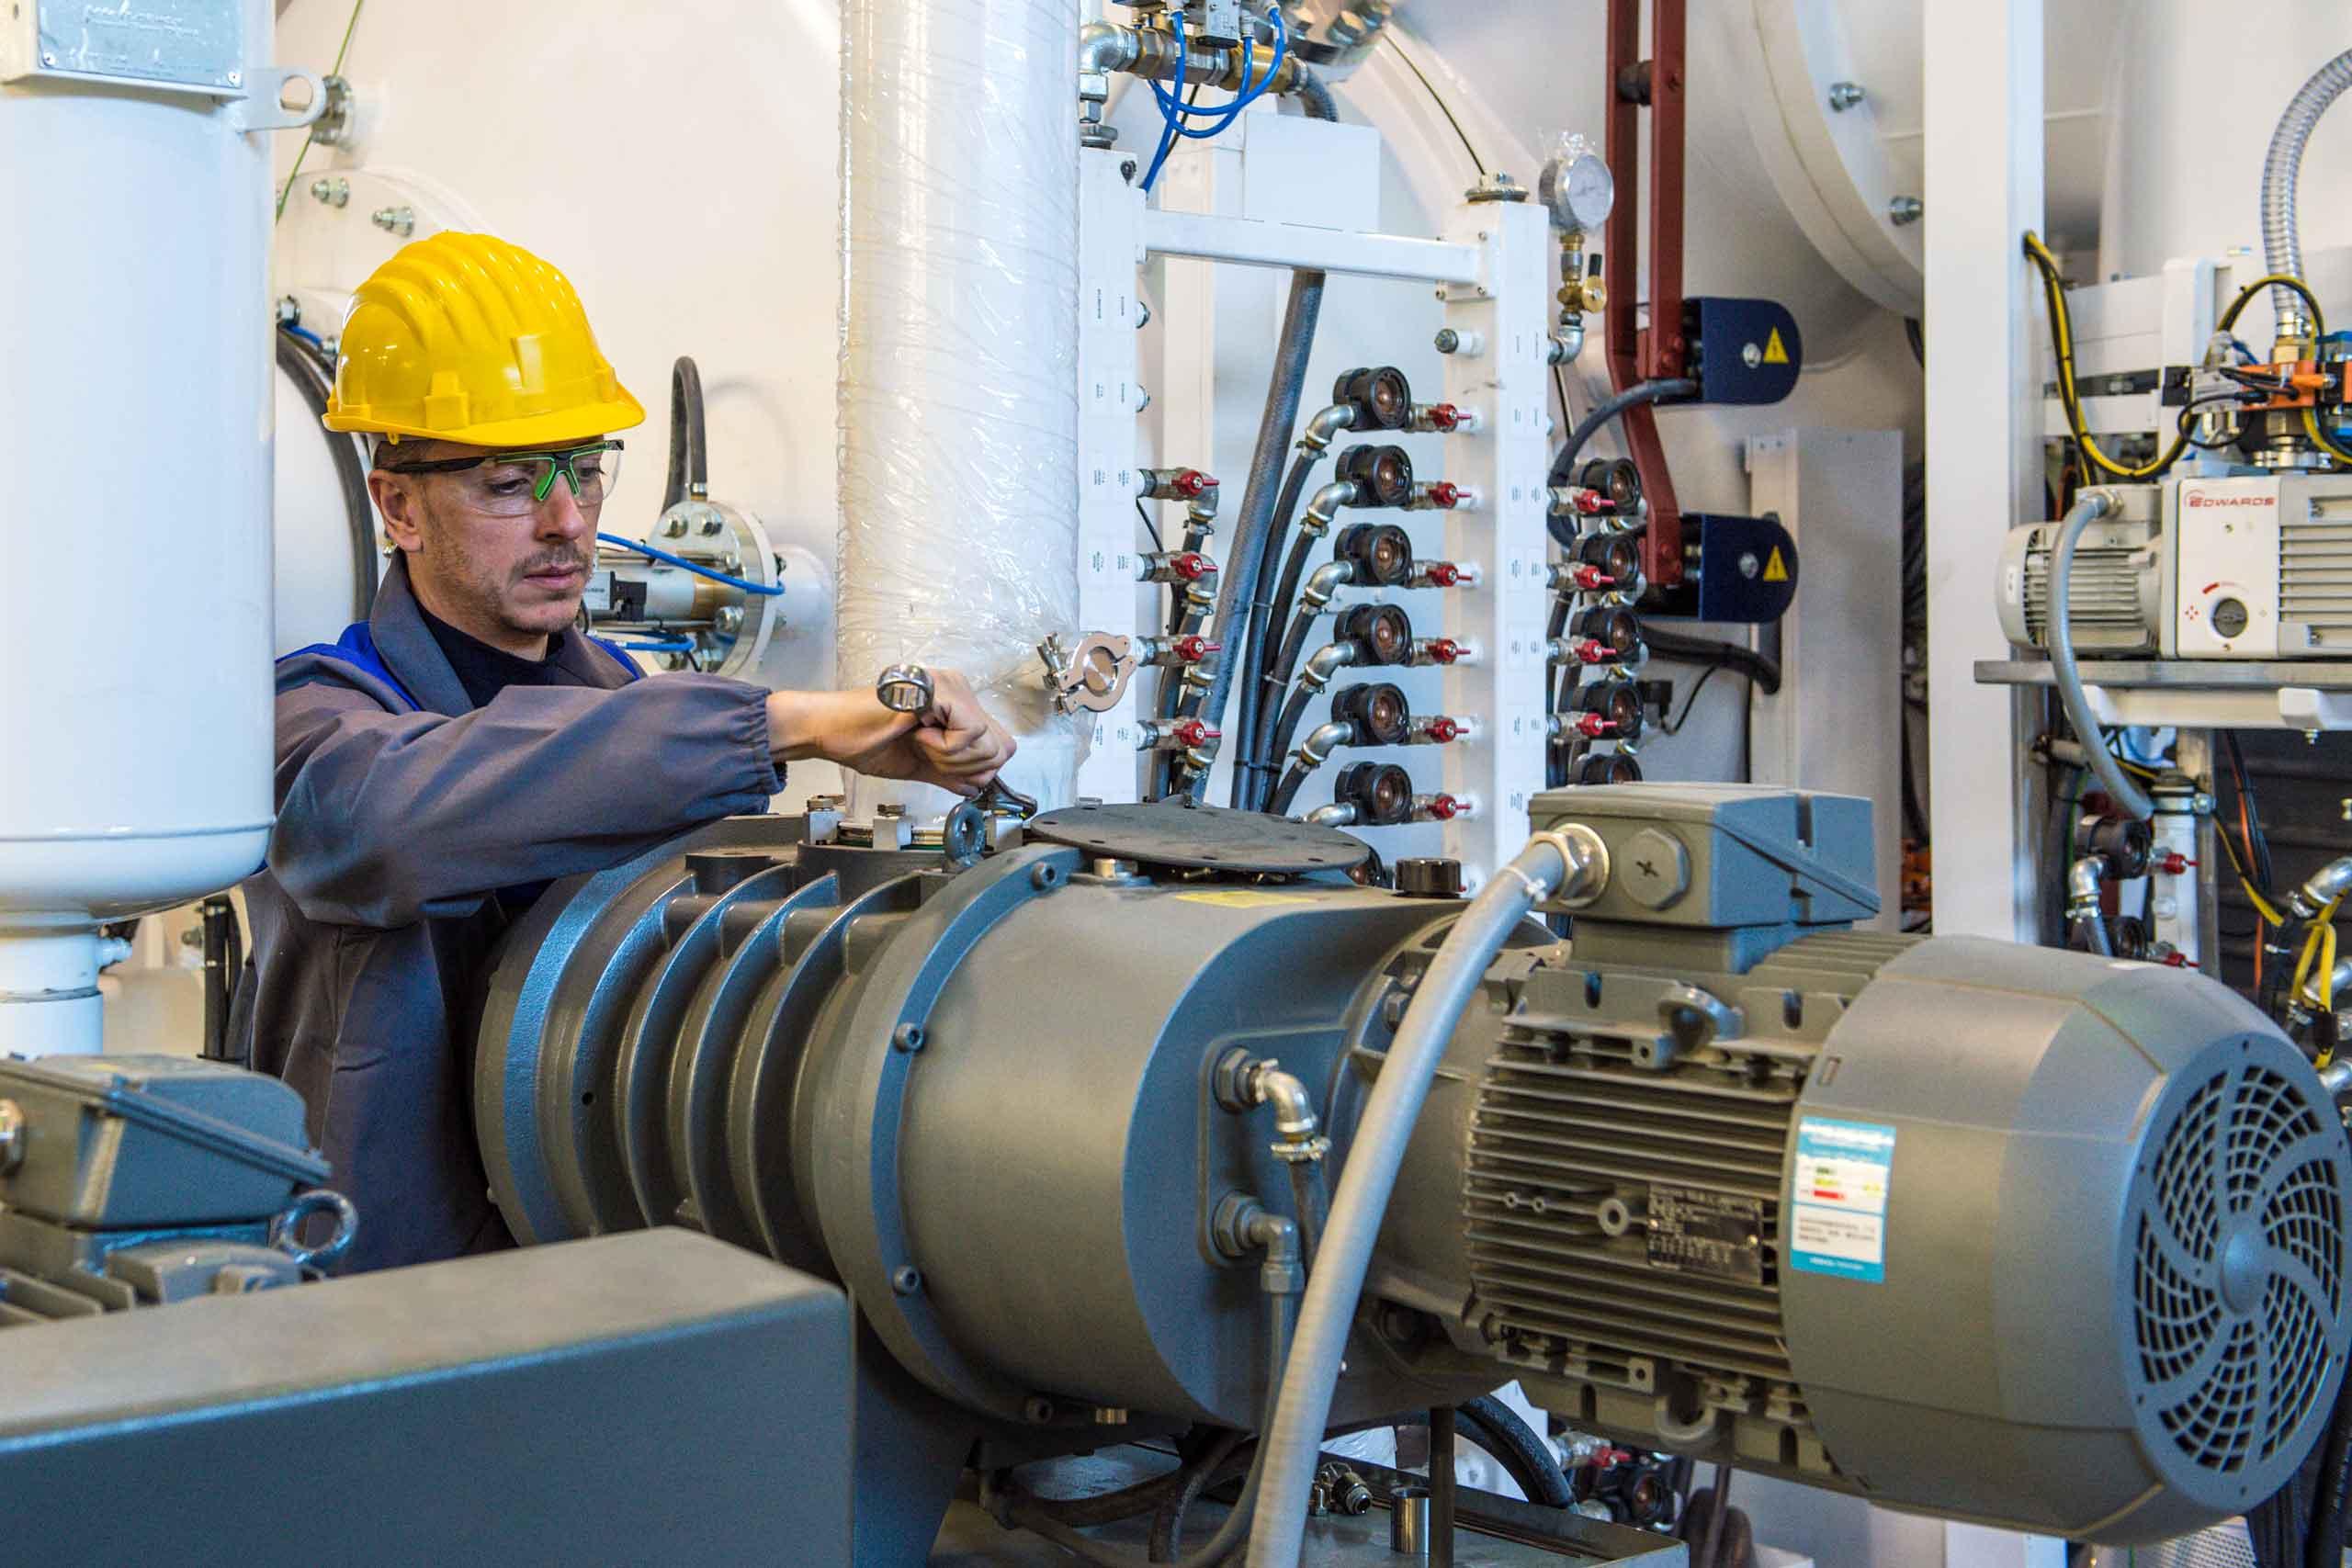 Macchinari e Attrezzature Industriali | Aggiornamento delle attrezzature